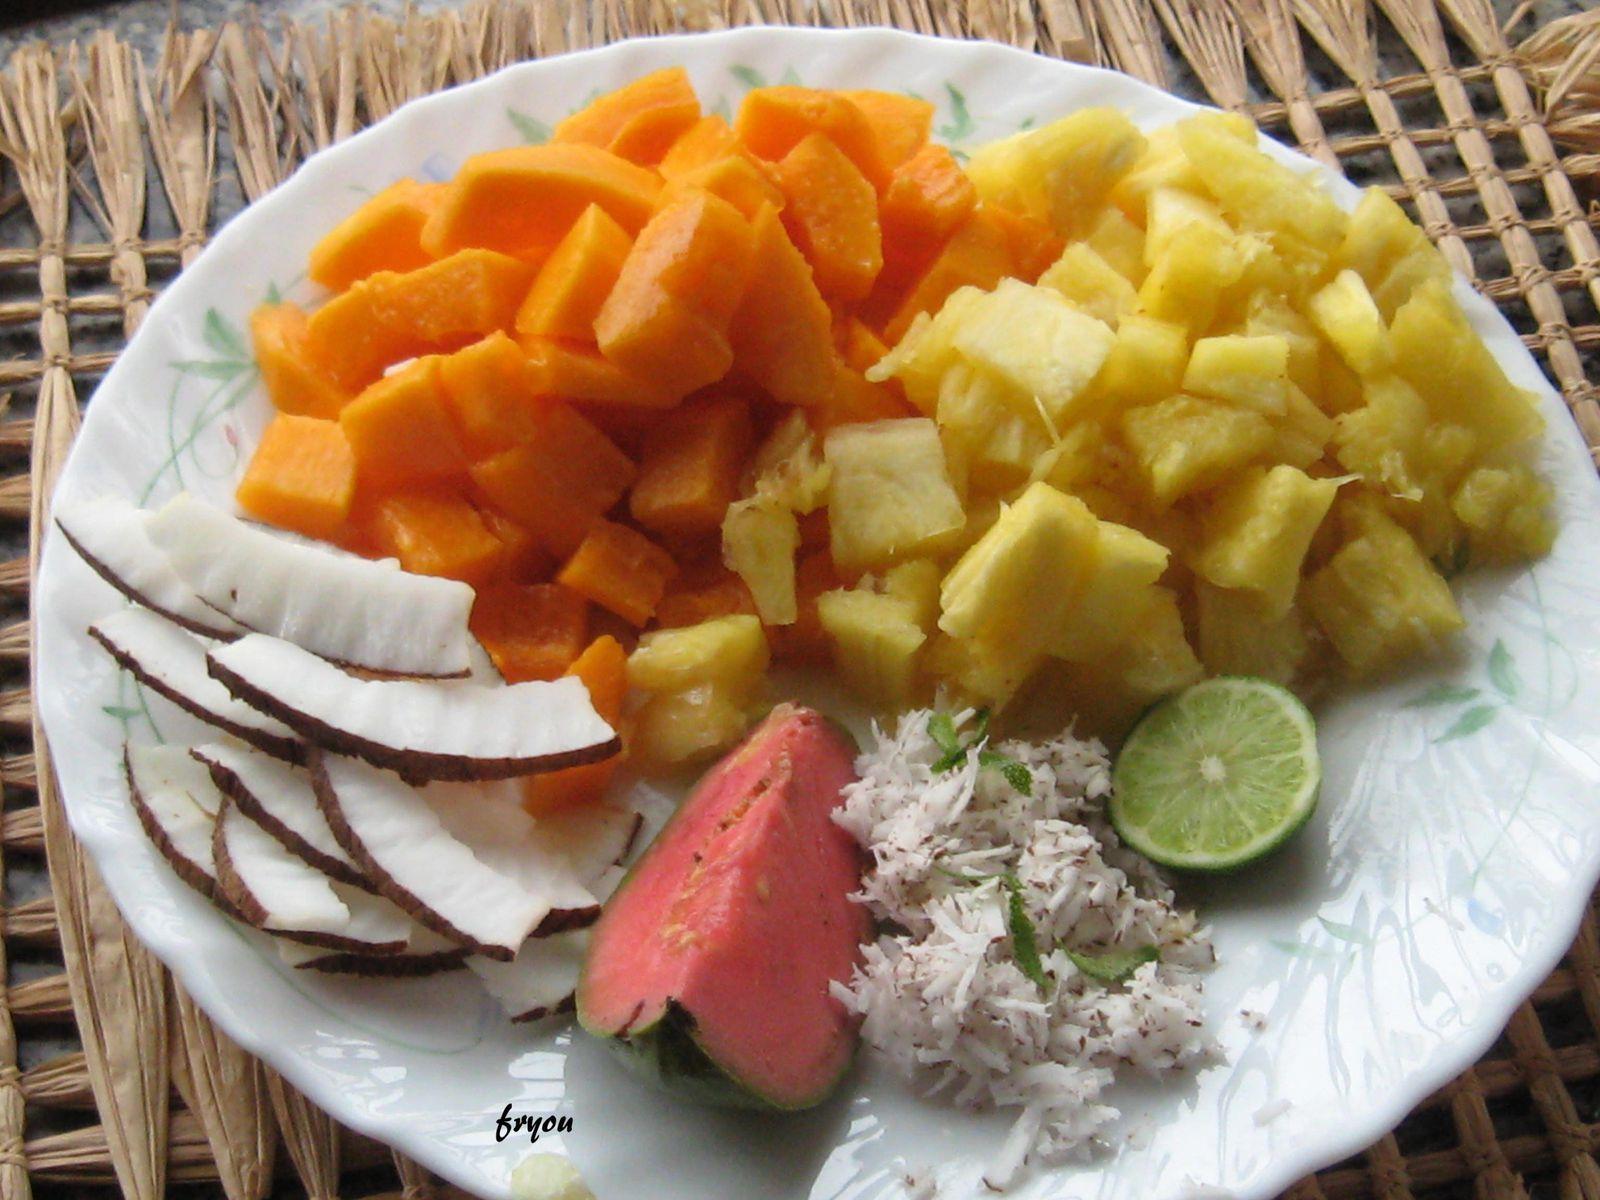 Album salades de fruits le blog de fryou - Salade de fruits maison ...